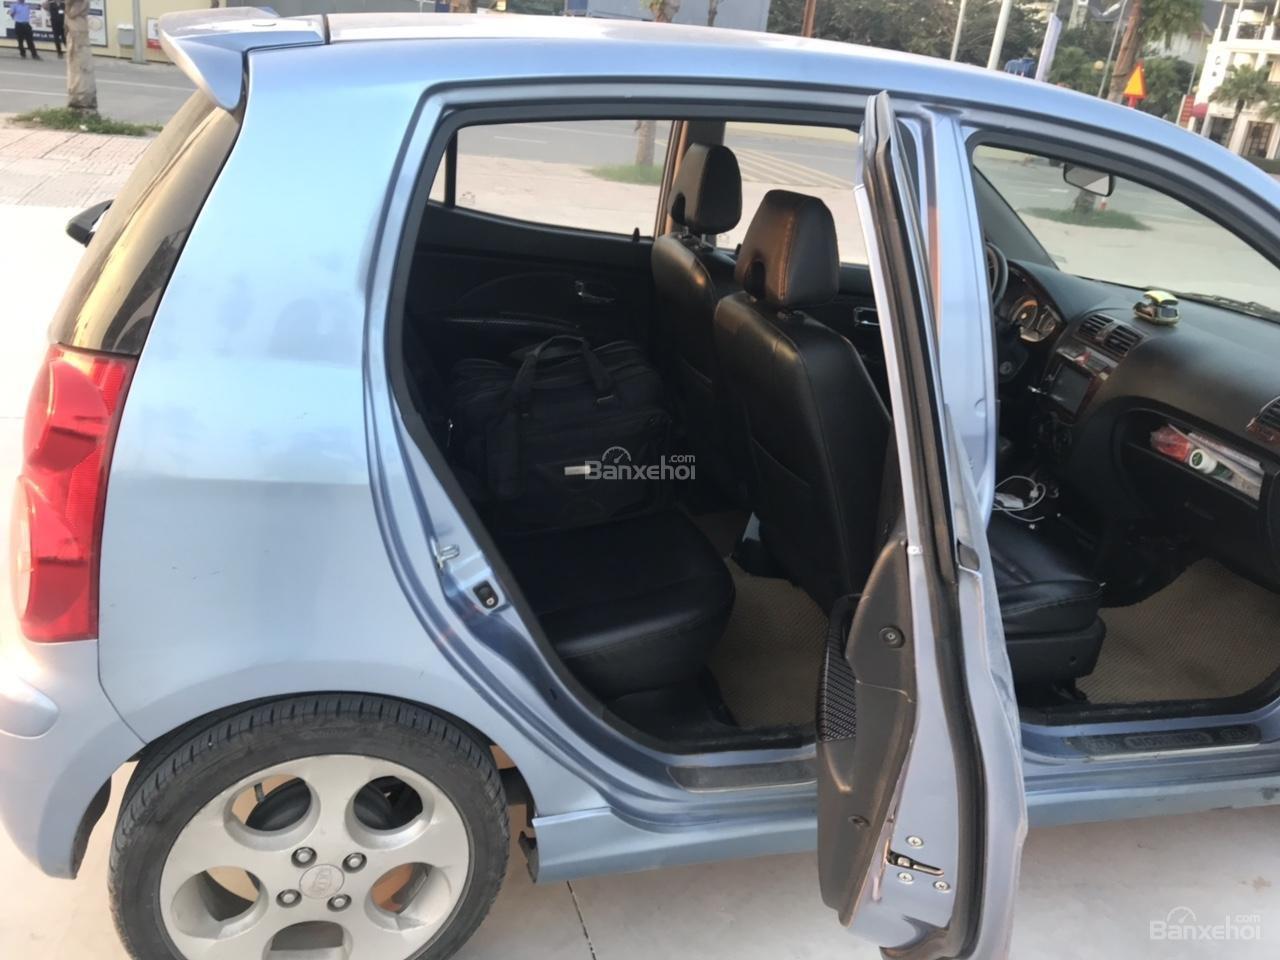 Bán Kia Morning 2008, màu xanh, nhập khẩu, chính chủ giá tốt - Mr Quân 094 711 6996-8